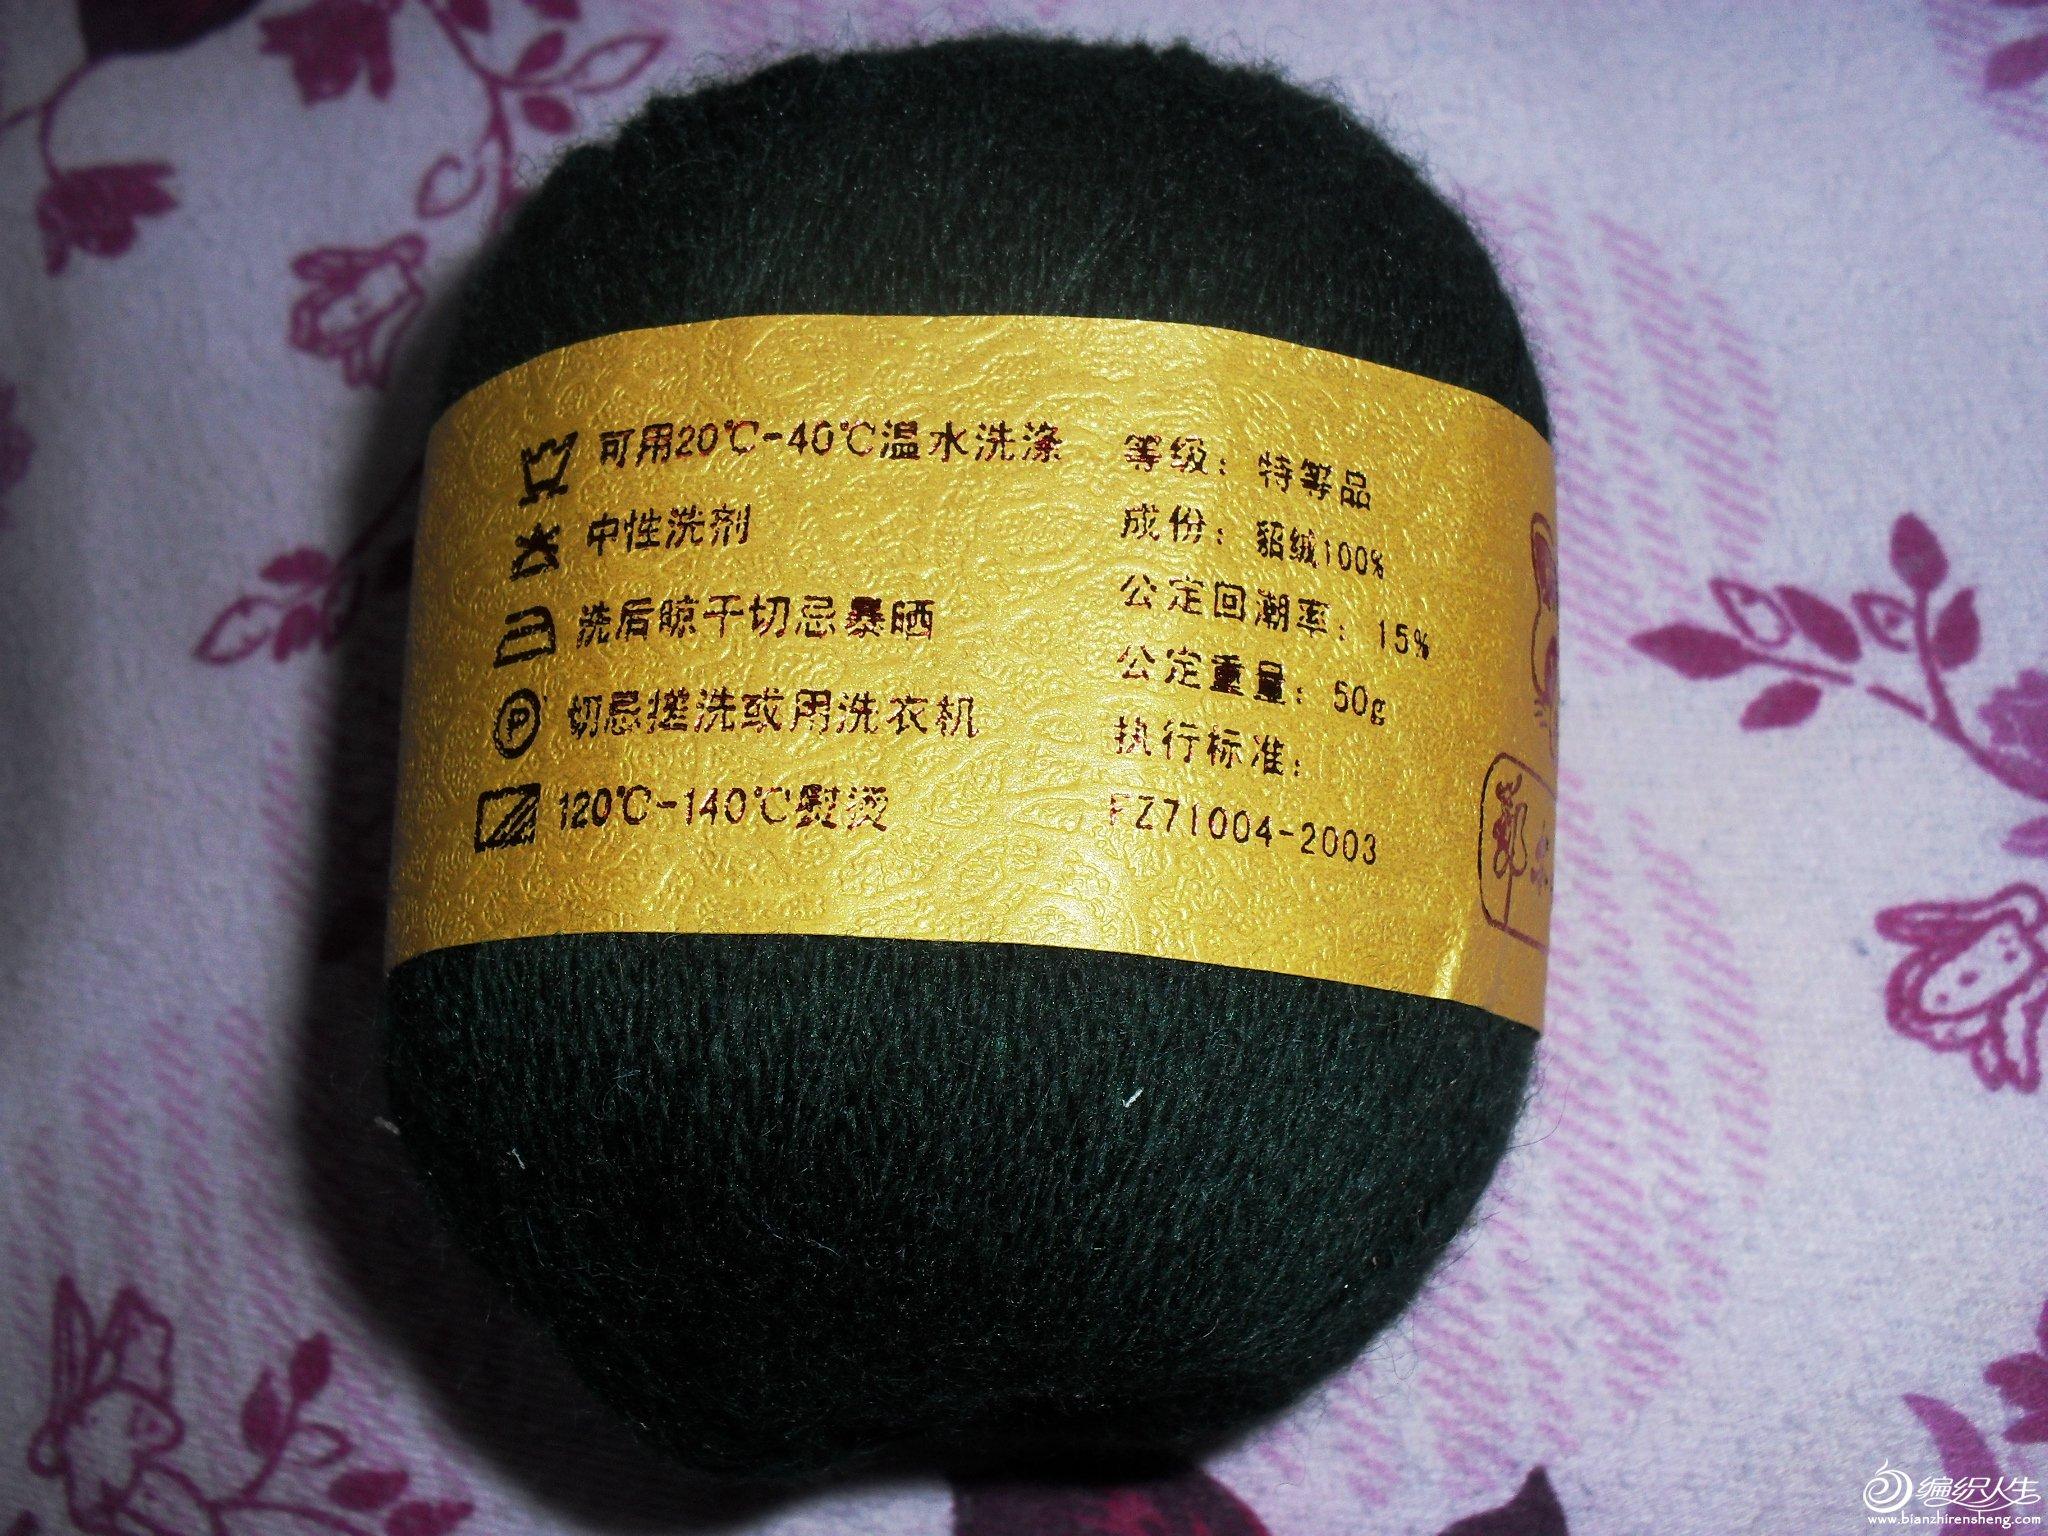 SDC12323.JPG